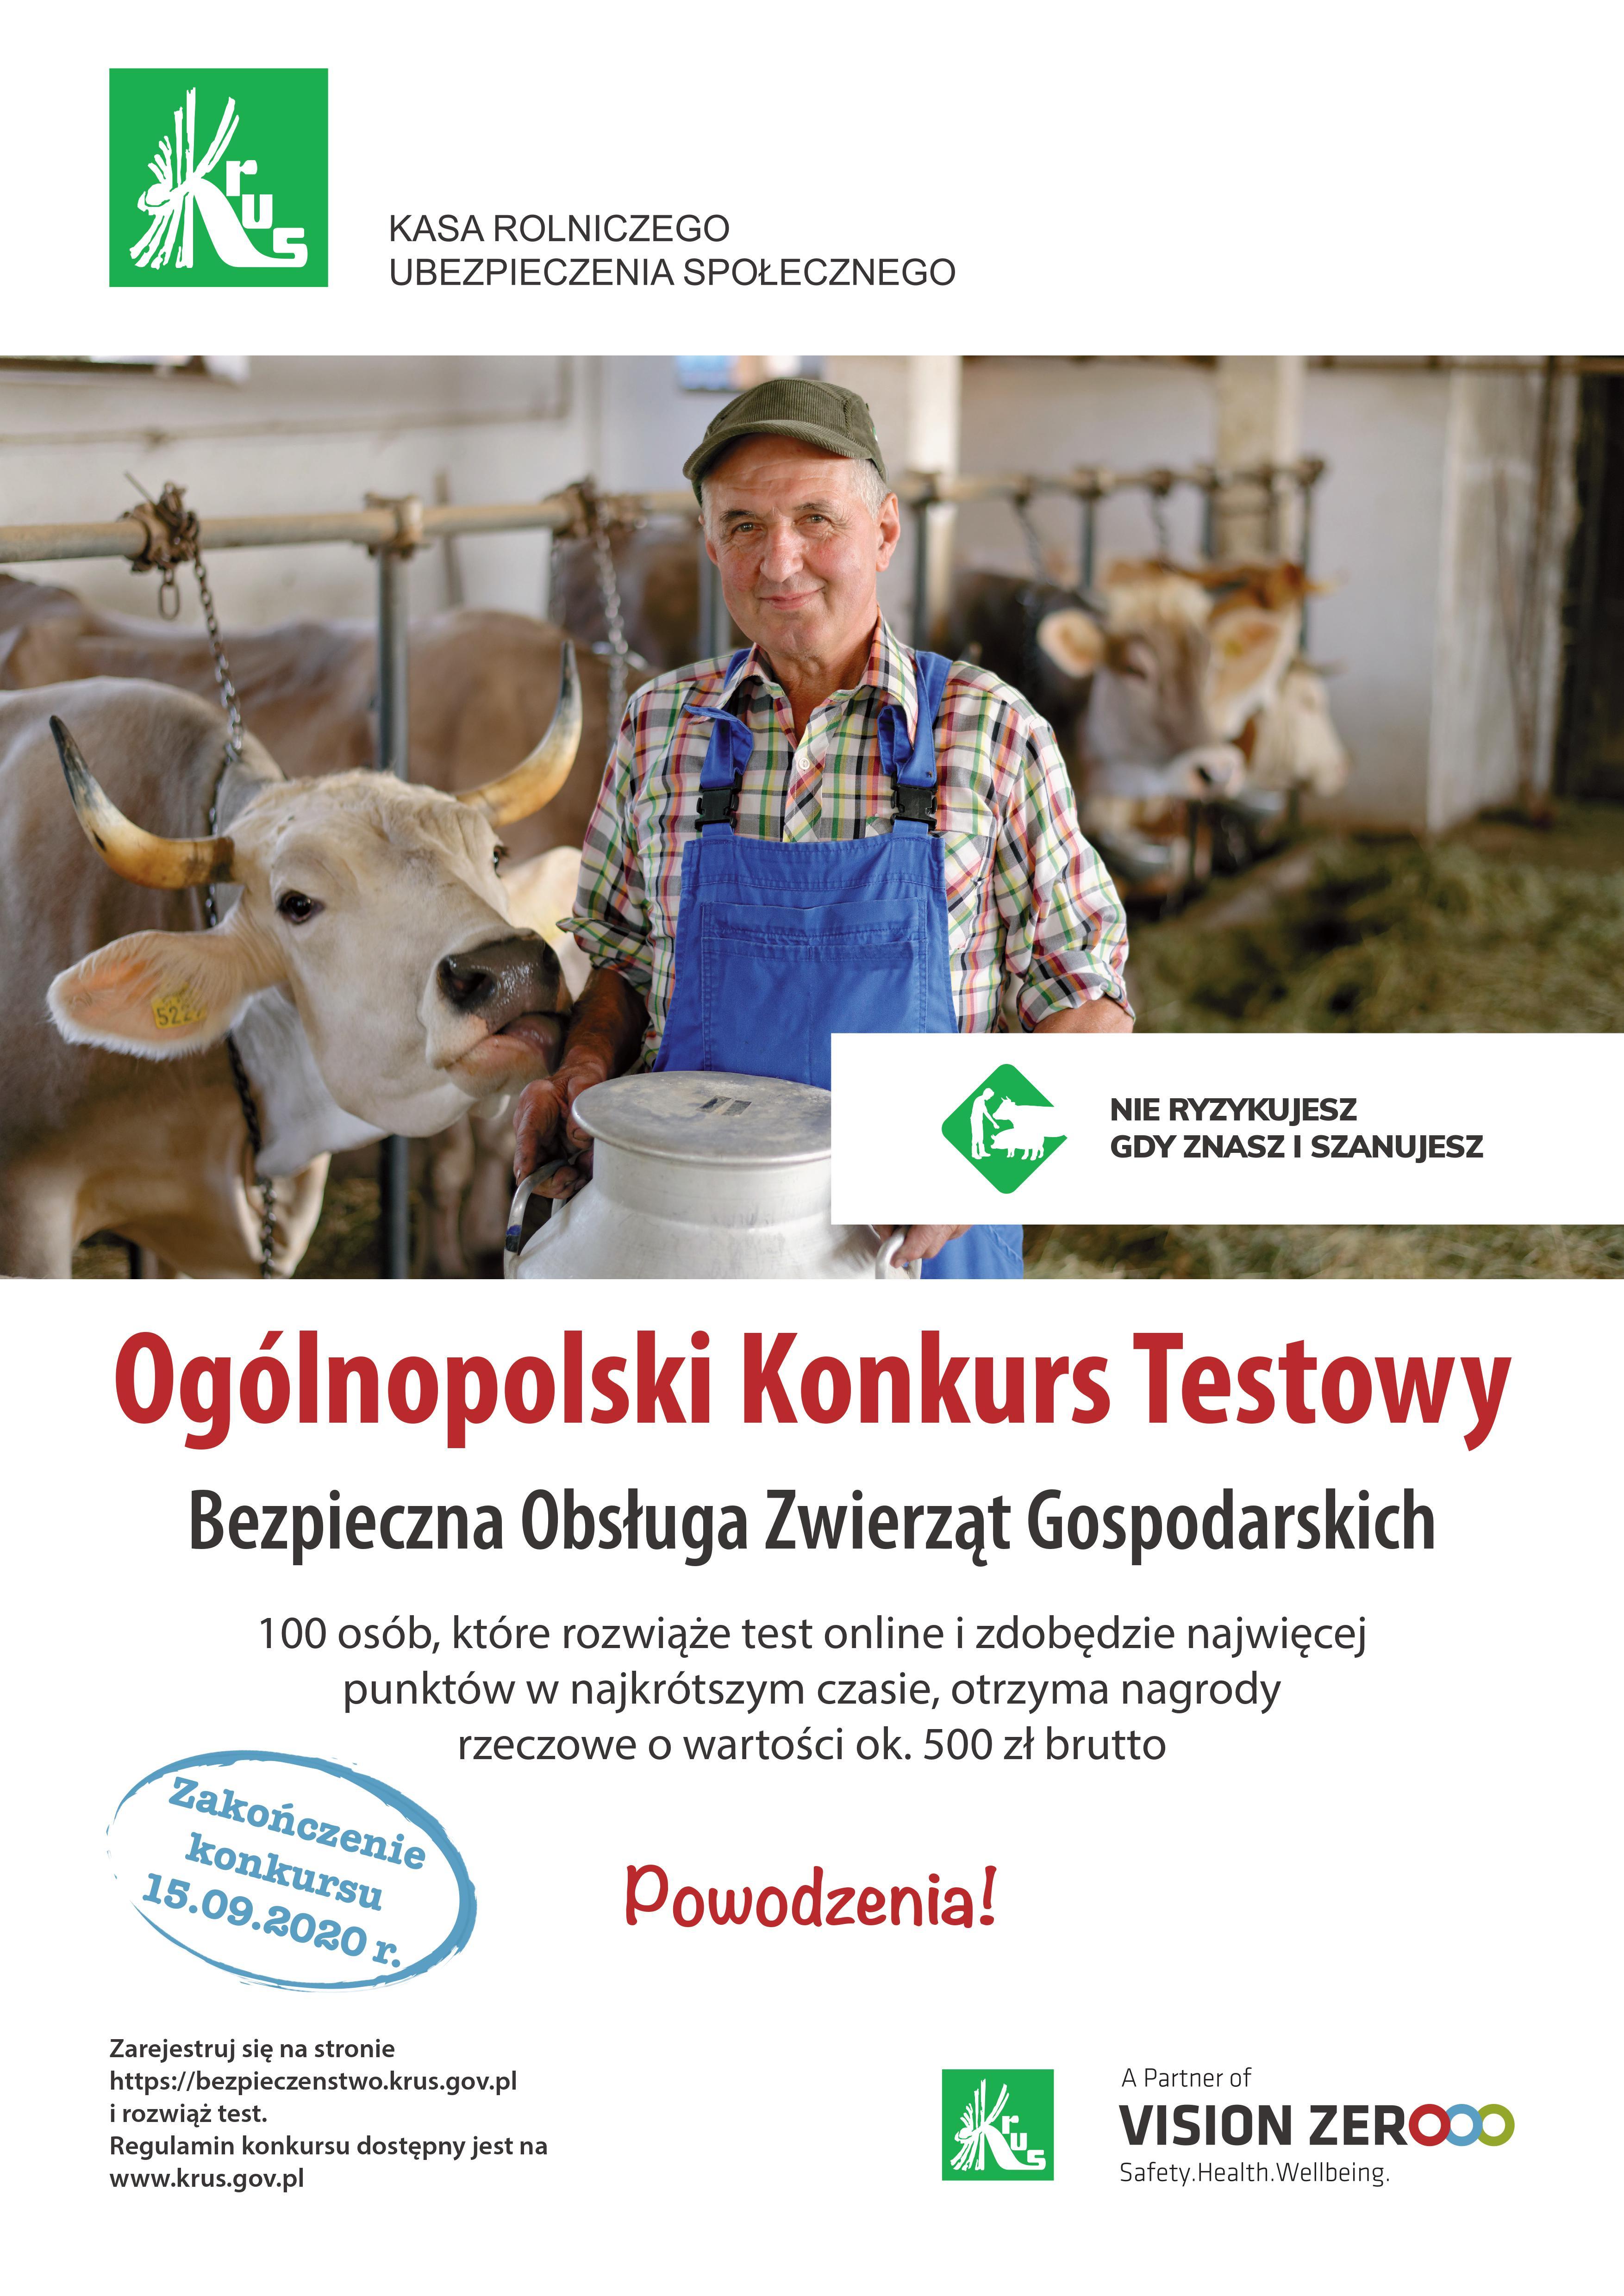 Ogólnopolski Konkurs Testowy Bezpieczna Obsługa Zwierząt Gospodarskich